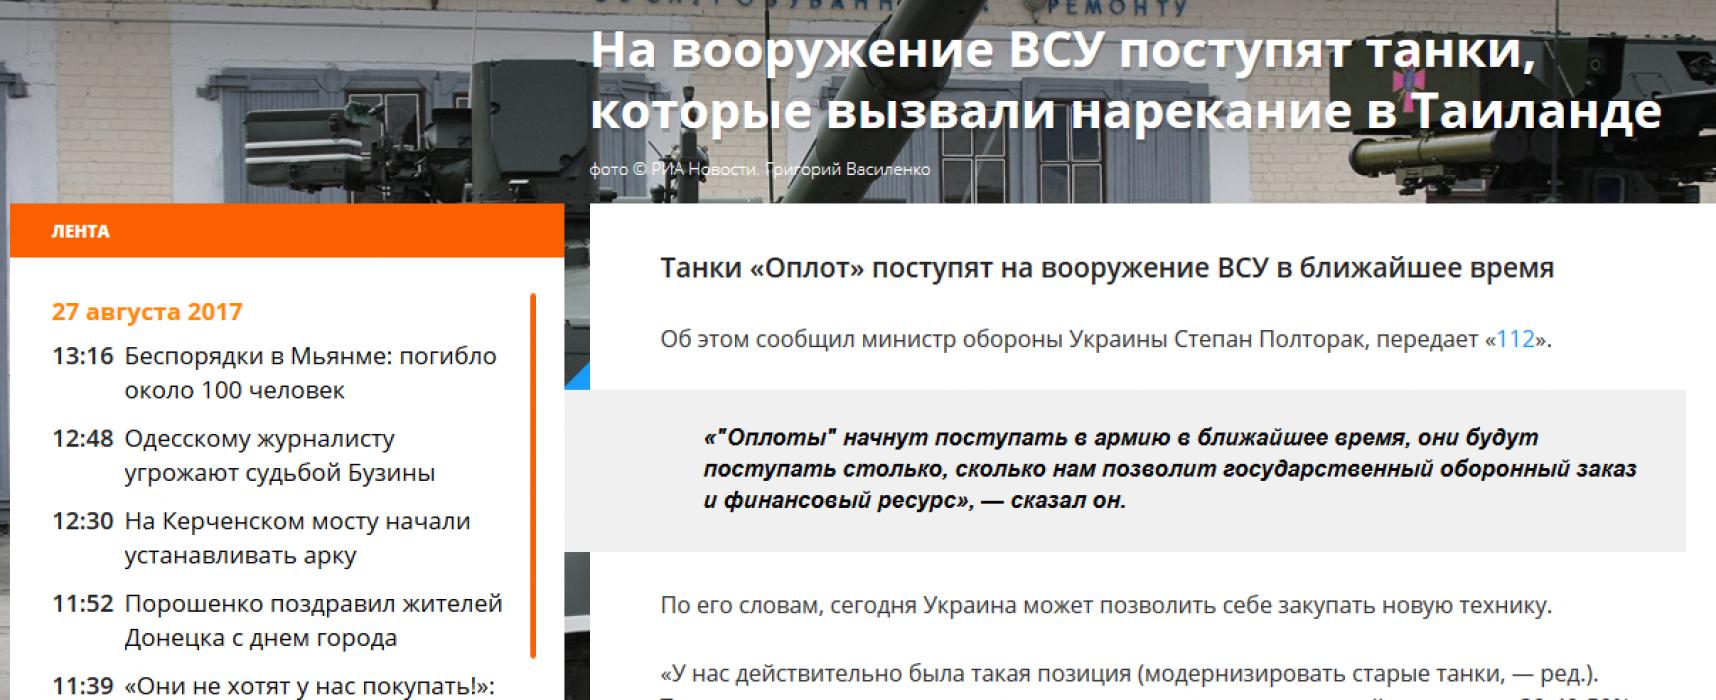 """Фейк: Украинската армия ще получи танковете """"Оплот"""", от които се отказал Тайланд"""